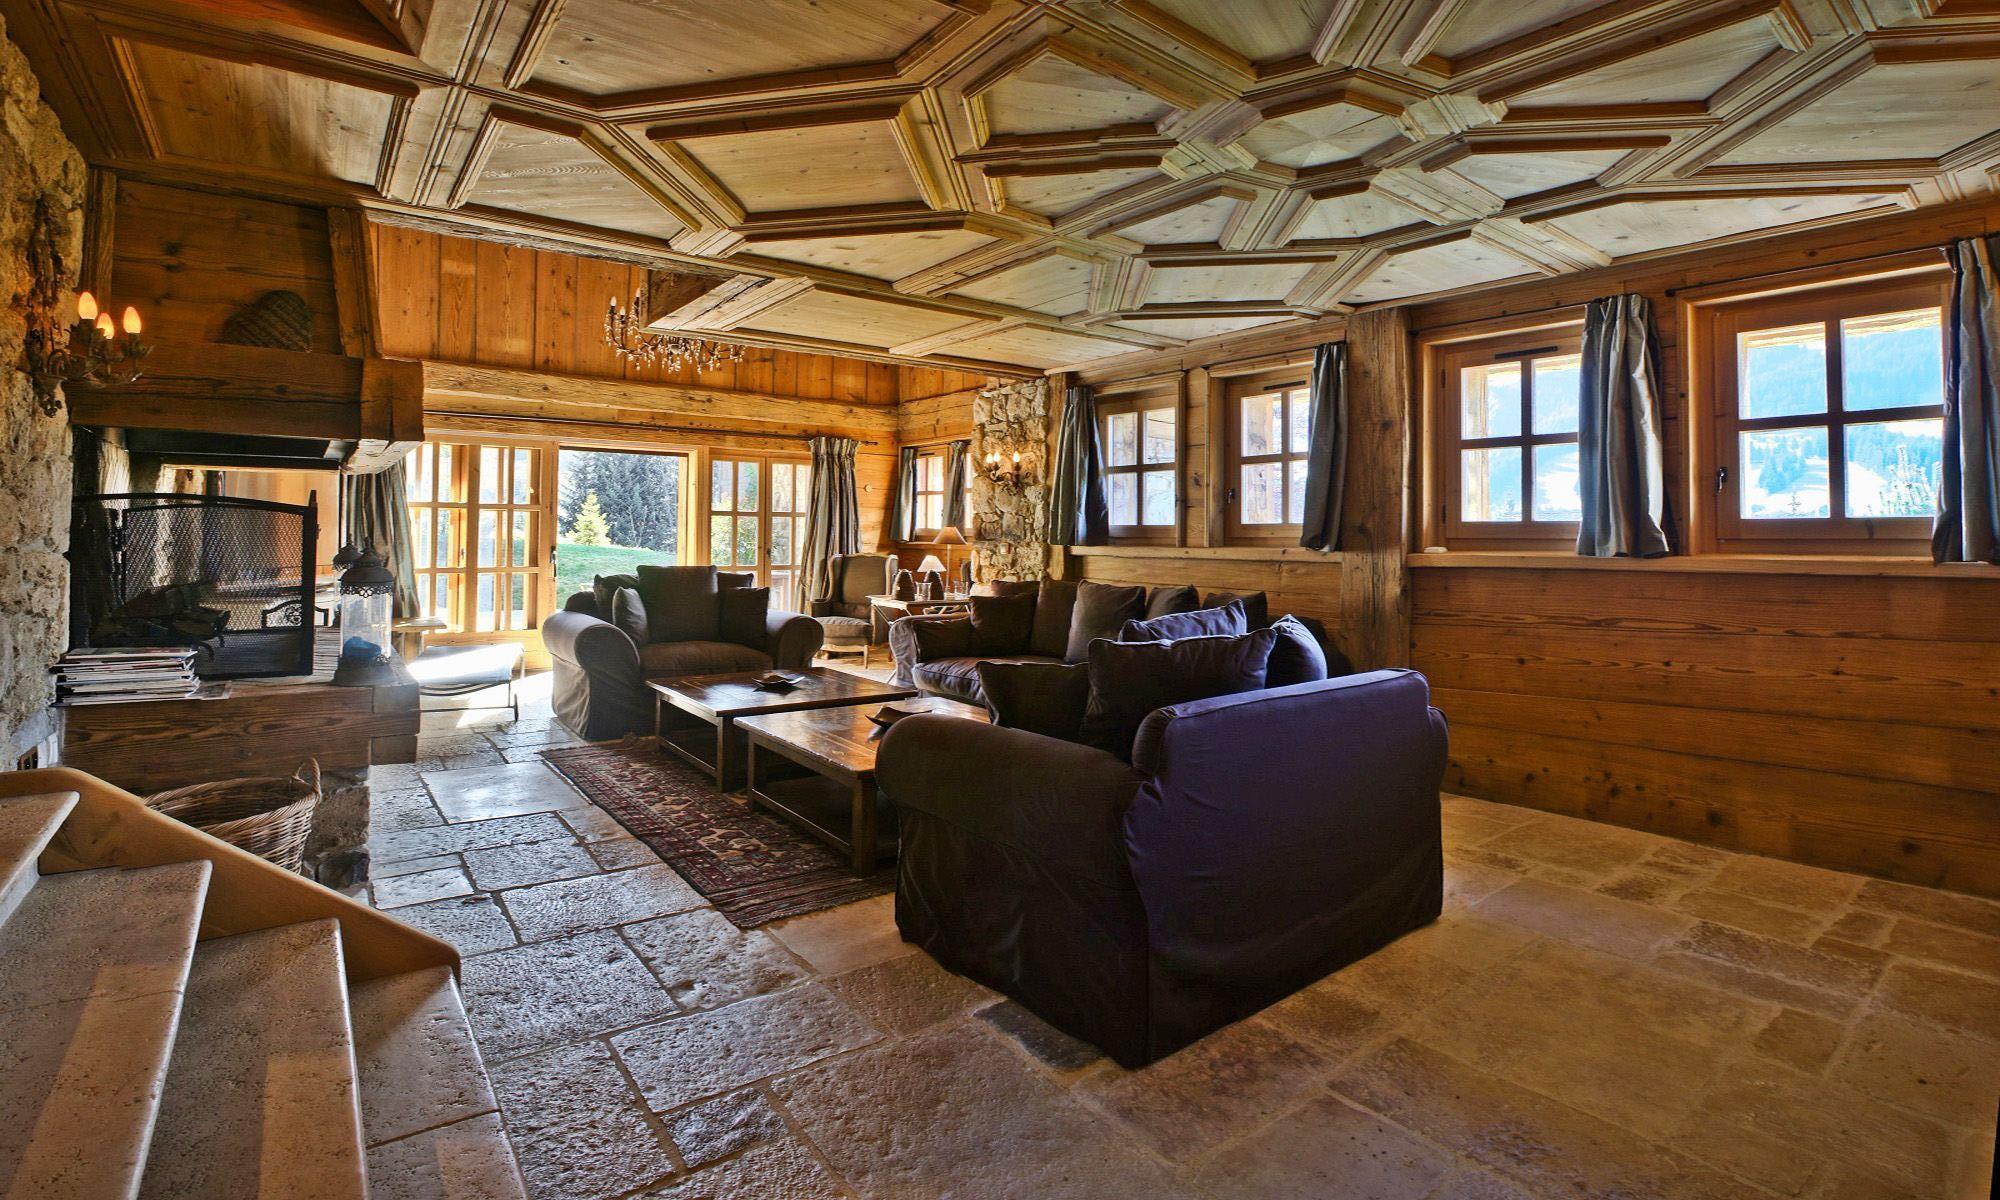 Property For Sale at Megève Mont d'Arbois Chalet Opale